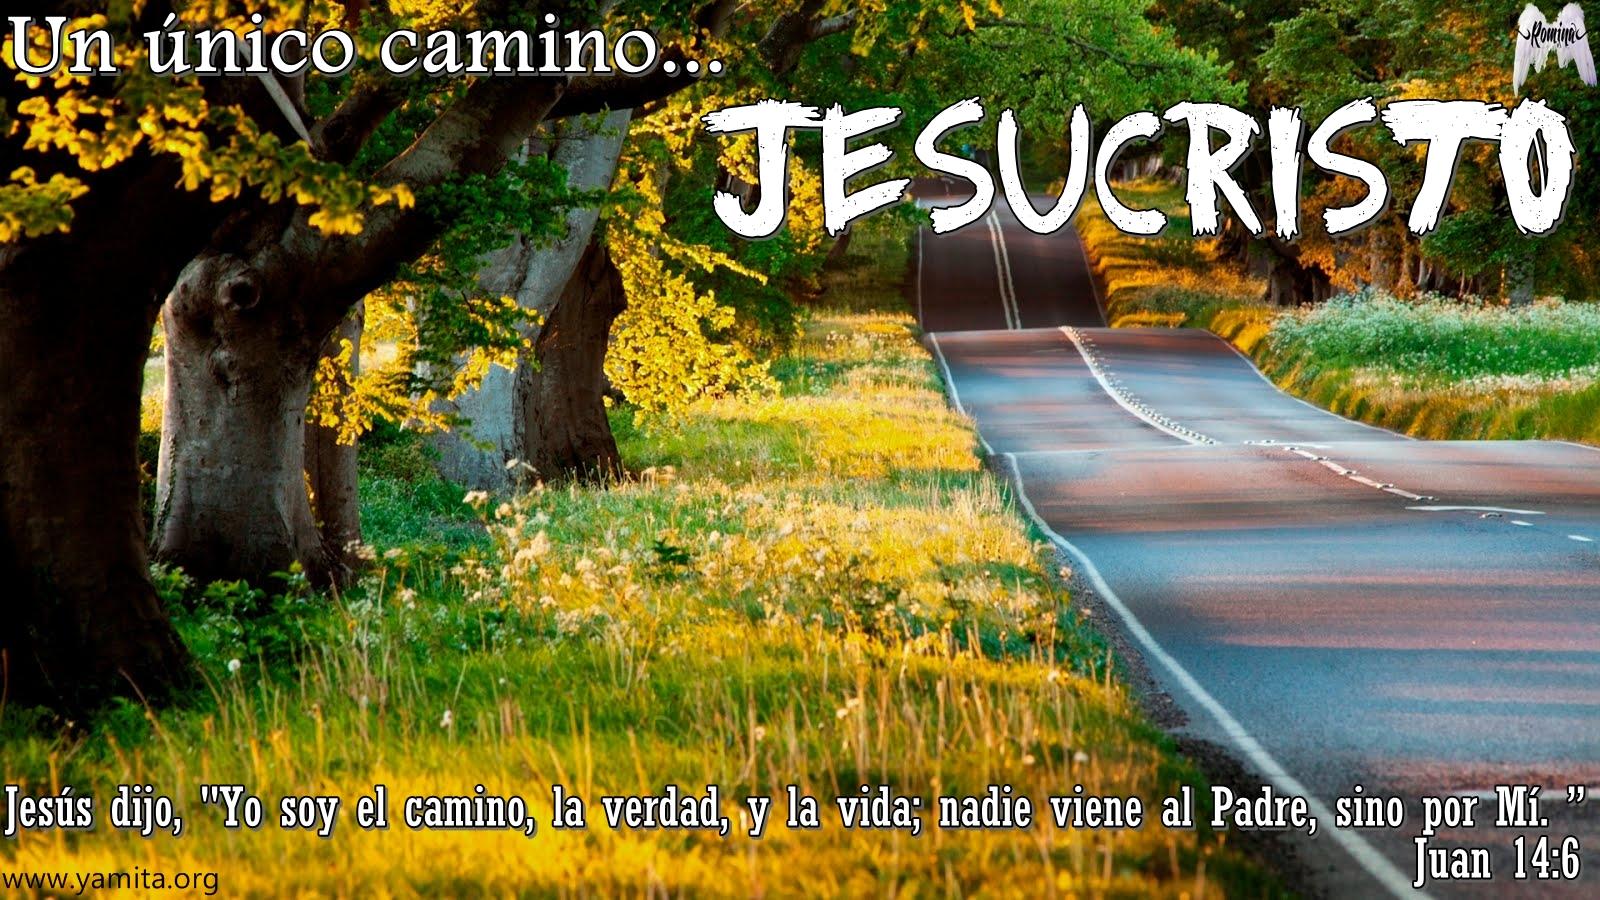 http://1.bp.blogspot.com/-_0ACs5h5D0k/T0U1prlJ8HI/AAAAAAAAAwE/vrvUgpkT7i8/s1600/paisajes-naturales---102.jpg